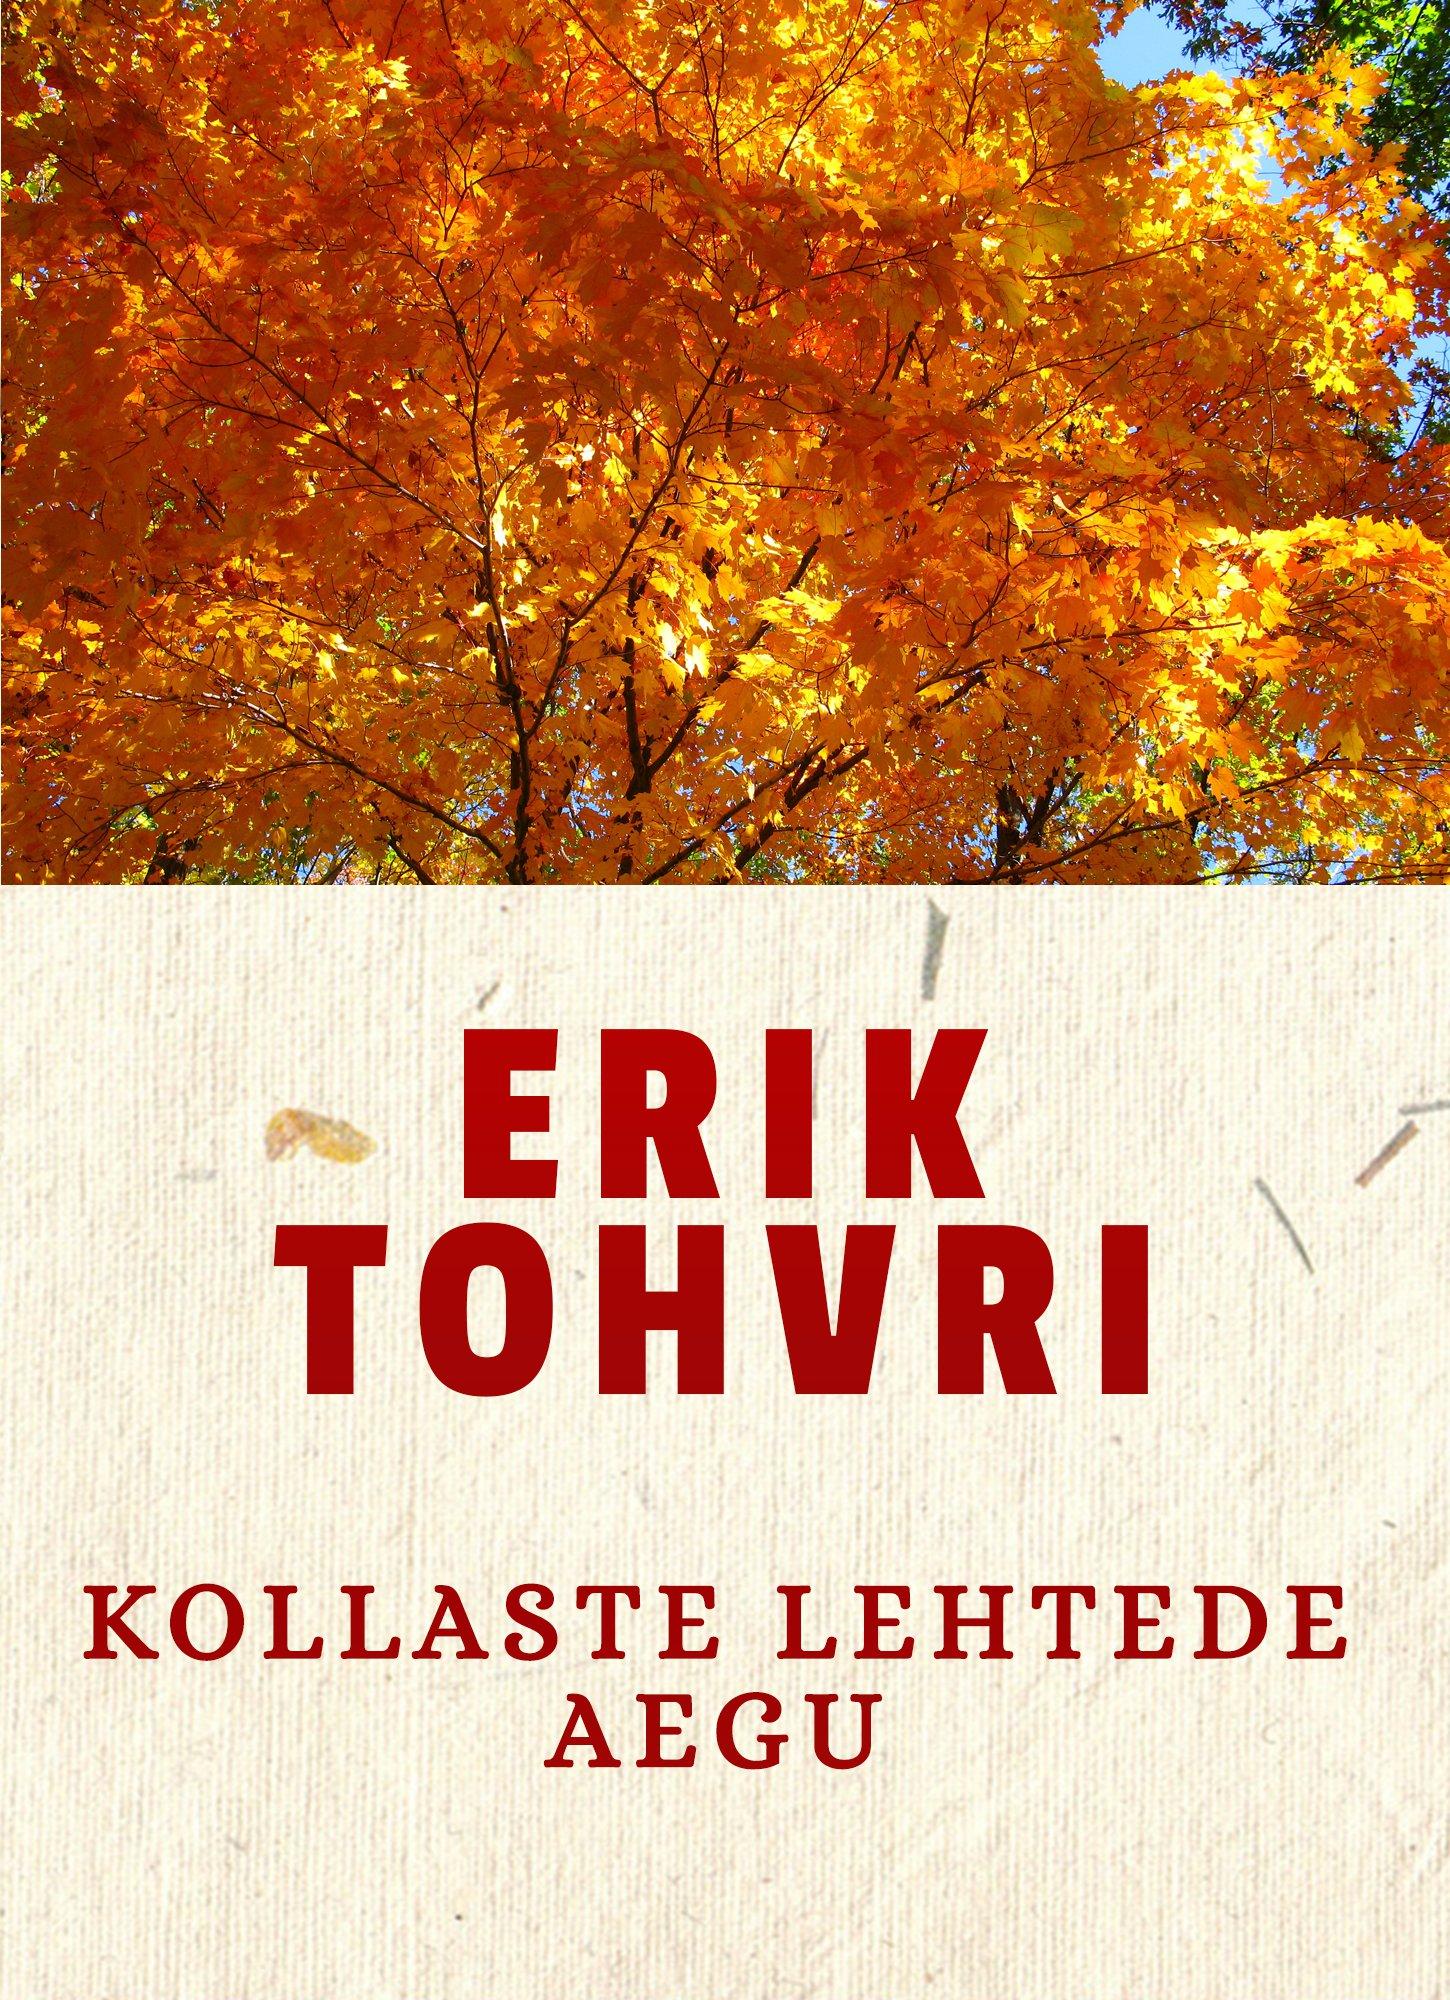 Erik Tohvri Kollaste lehtede aegu jüri v grauberg aegu ammuseid isbn 9789949815227